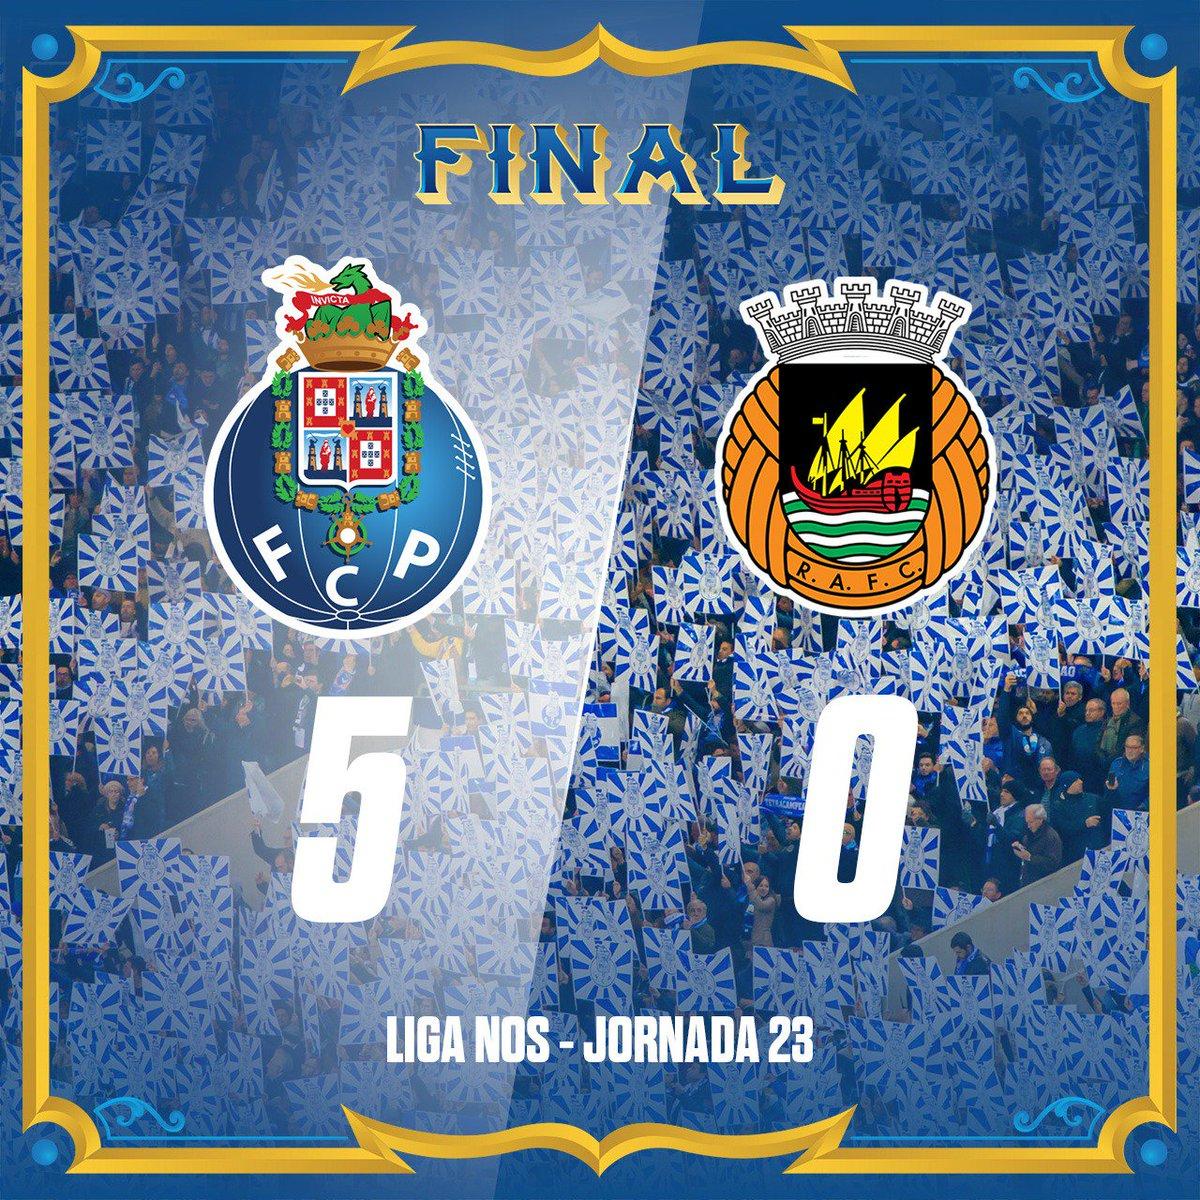 Final de Jogo / End of the match / Final del Partido  2' [1-0] Sérgio Oliveira ⚽ 22' [2-0] Soares ⚽ 34' [3-0] Marcelo p.b. ⚽ 72' [4-0] Marega ⚽ 86' [5-0] Soares ⚽  #FCPorto #FCPRAFC